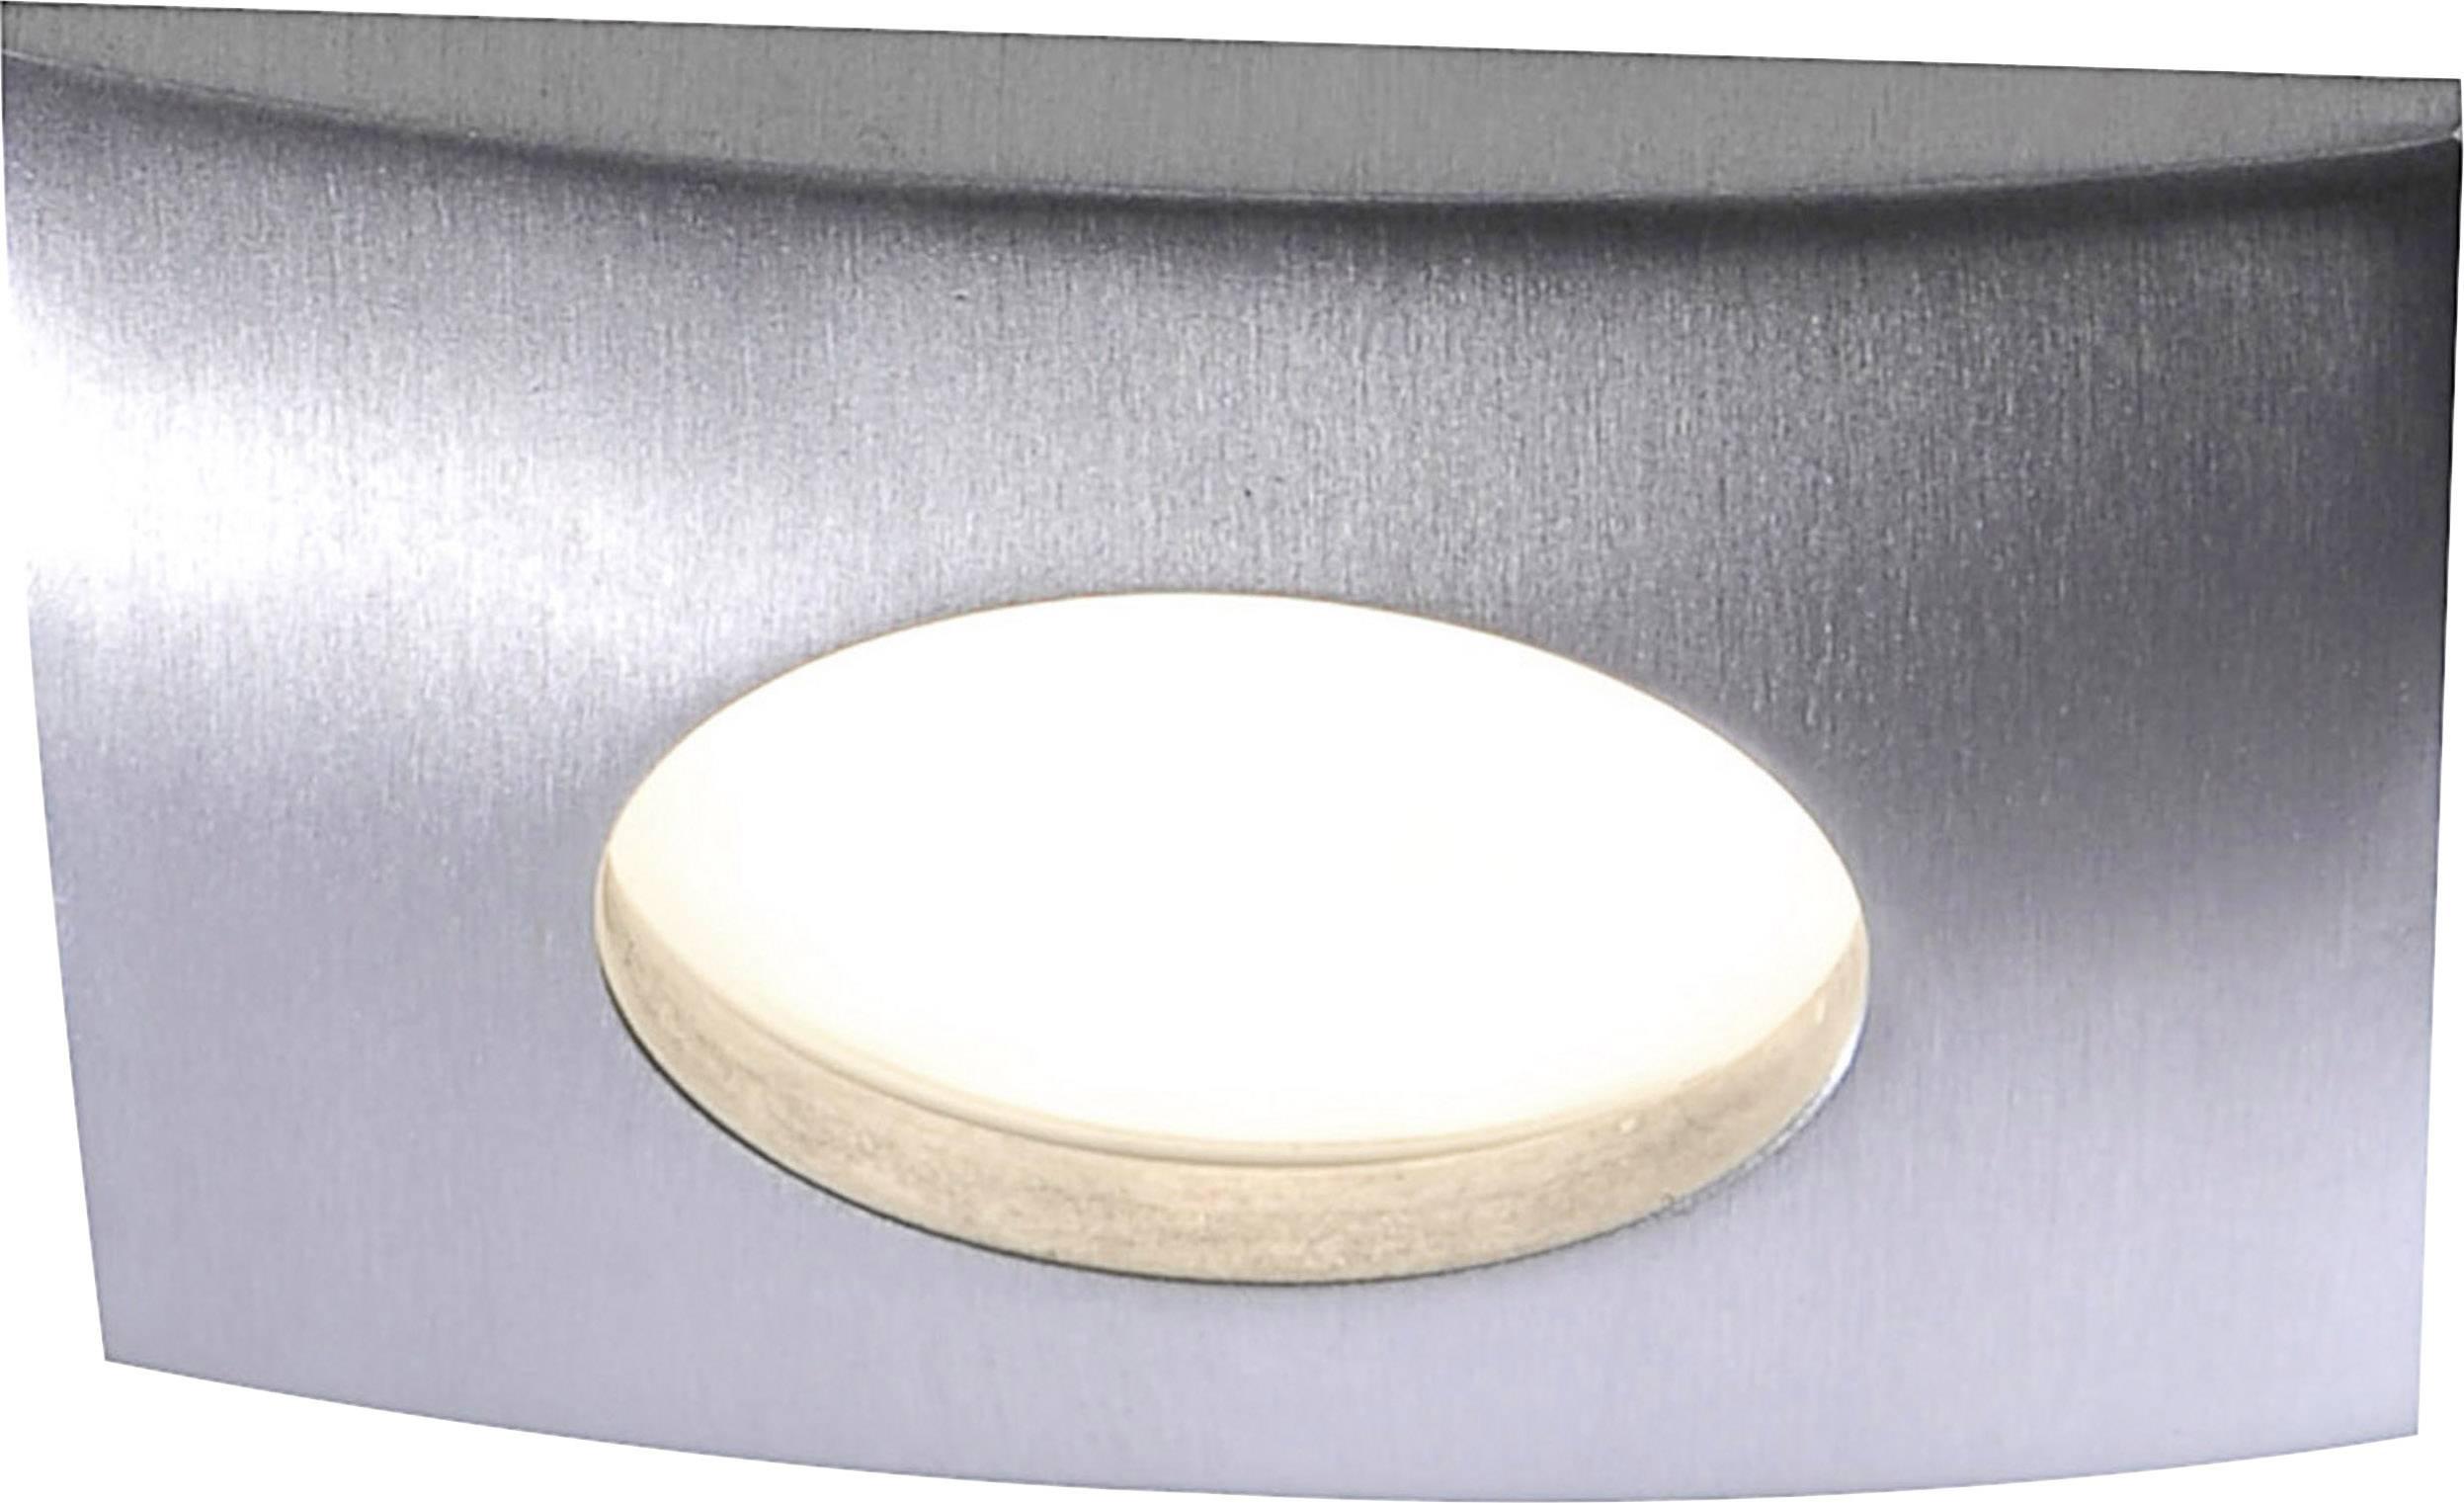 8 x 8 x 3 cm chrom Eisen 5.5 W Paul Neuhaus Einbauleuchte